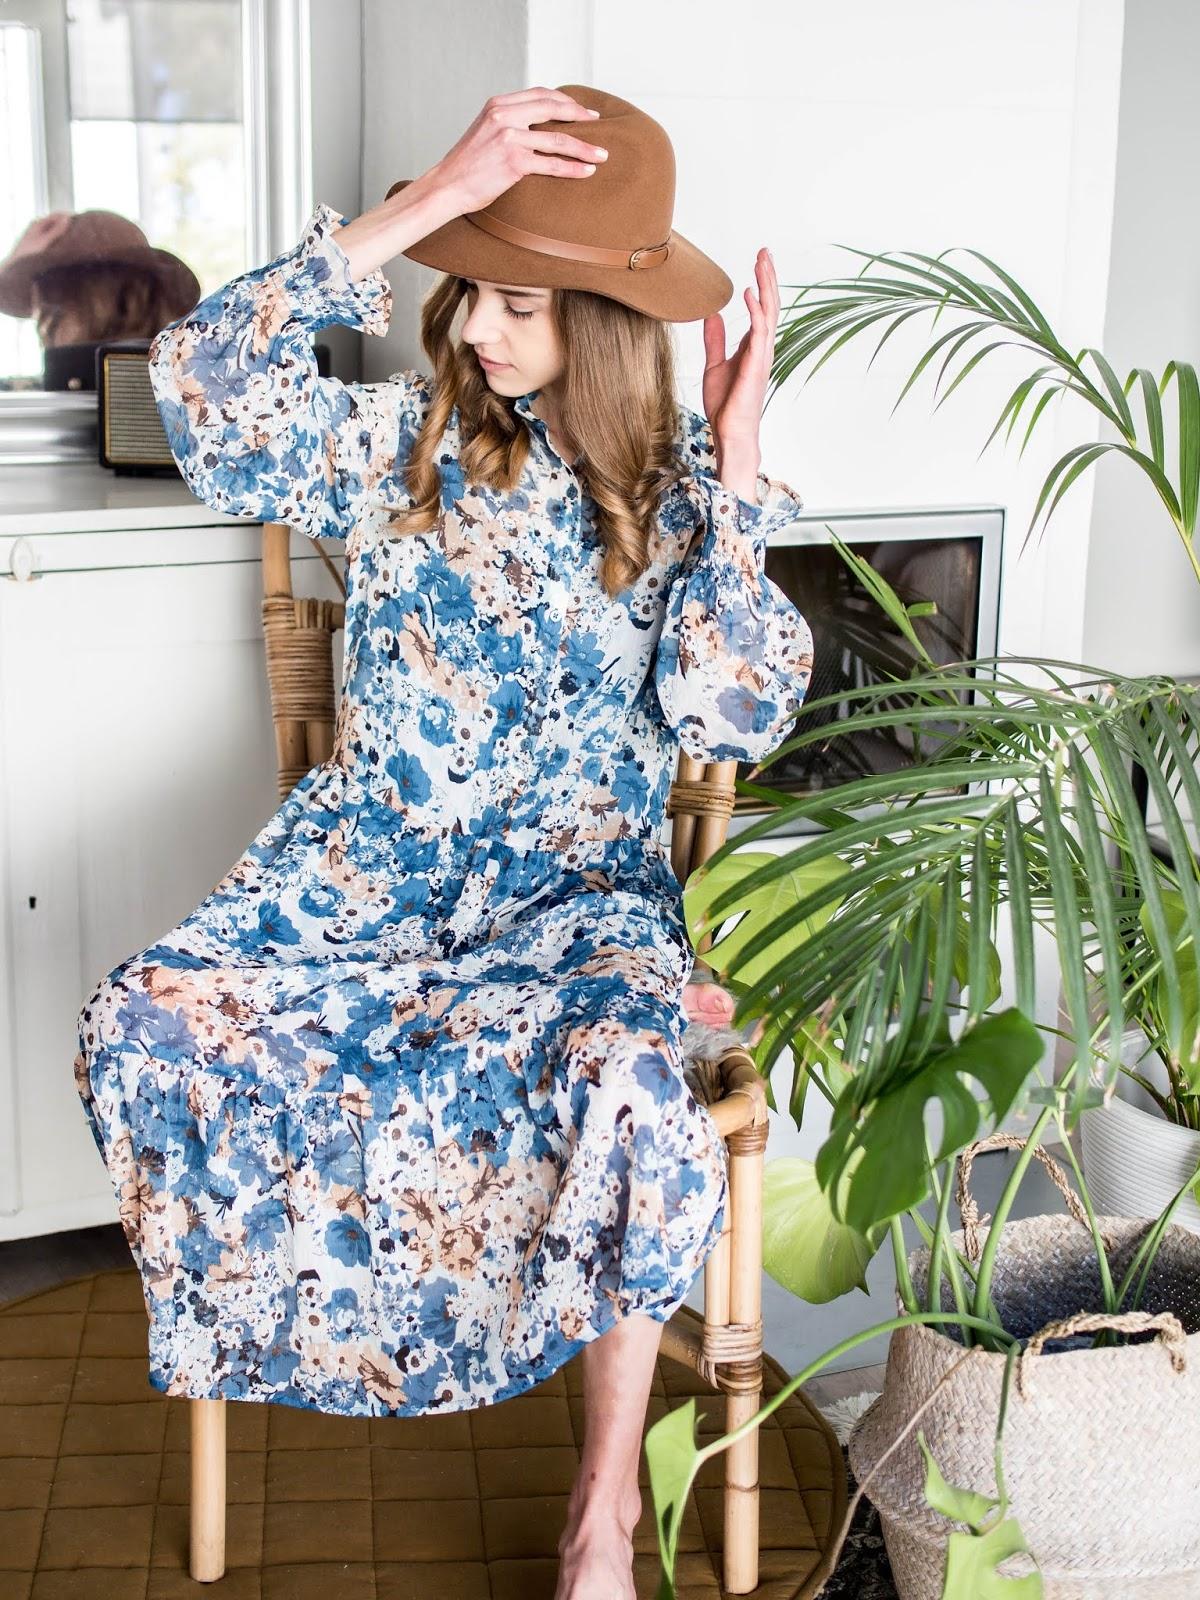 Floral maxi dress and tan fedora - Kukallinen maksimekko ja ruskea fedora-hattu